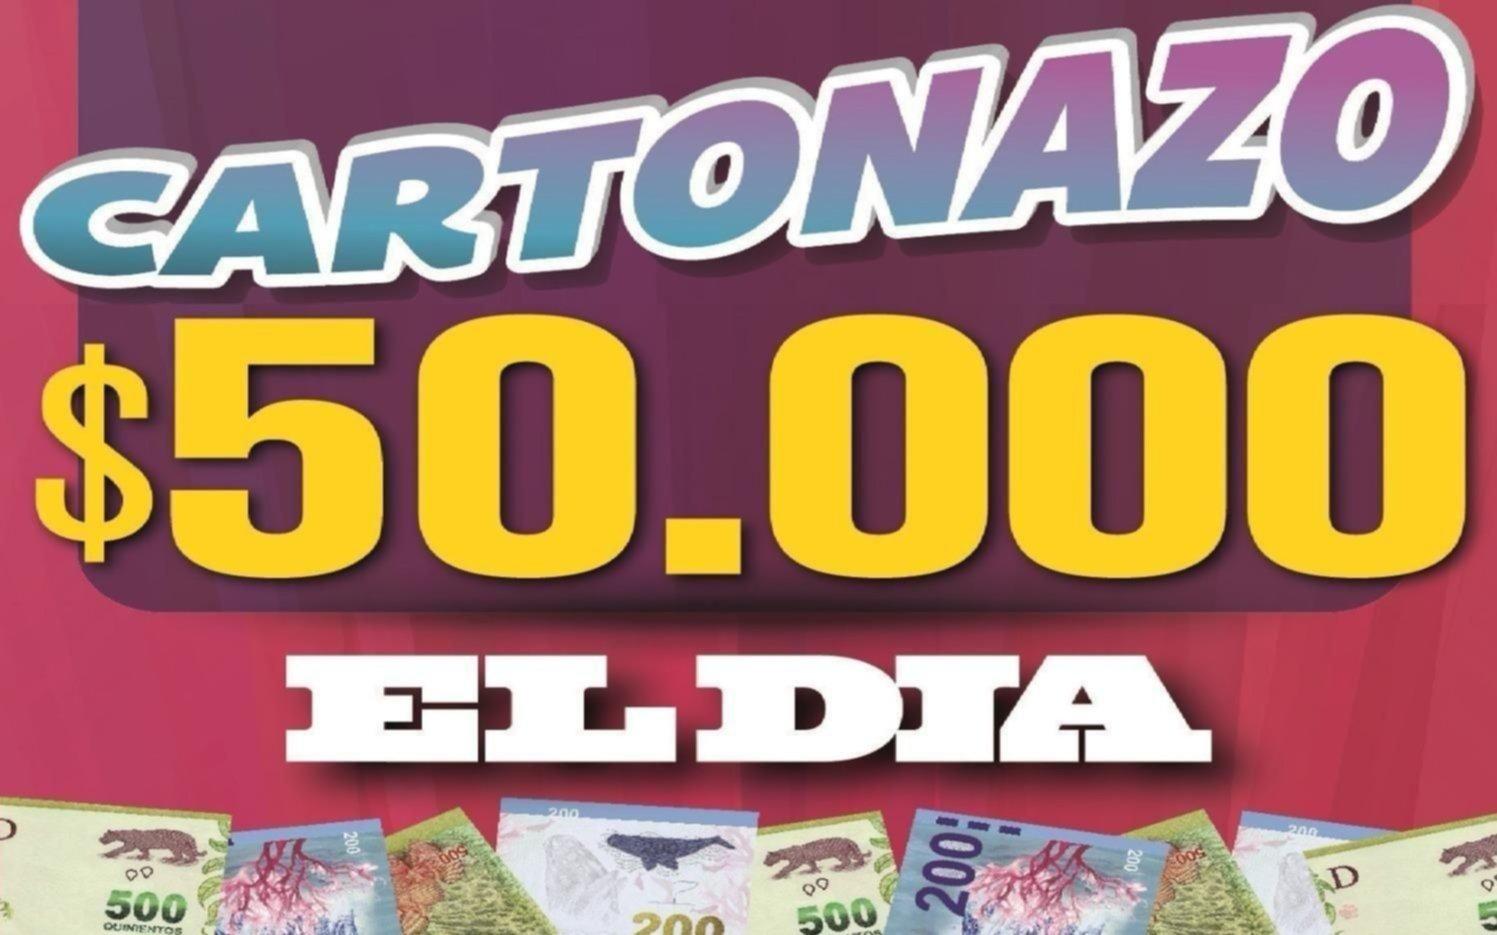 Controlá el Cartonazo, $50.000 pueden ser tuyos